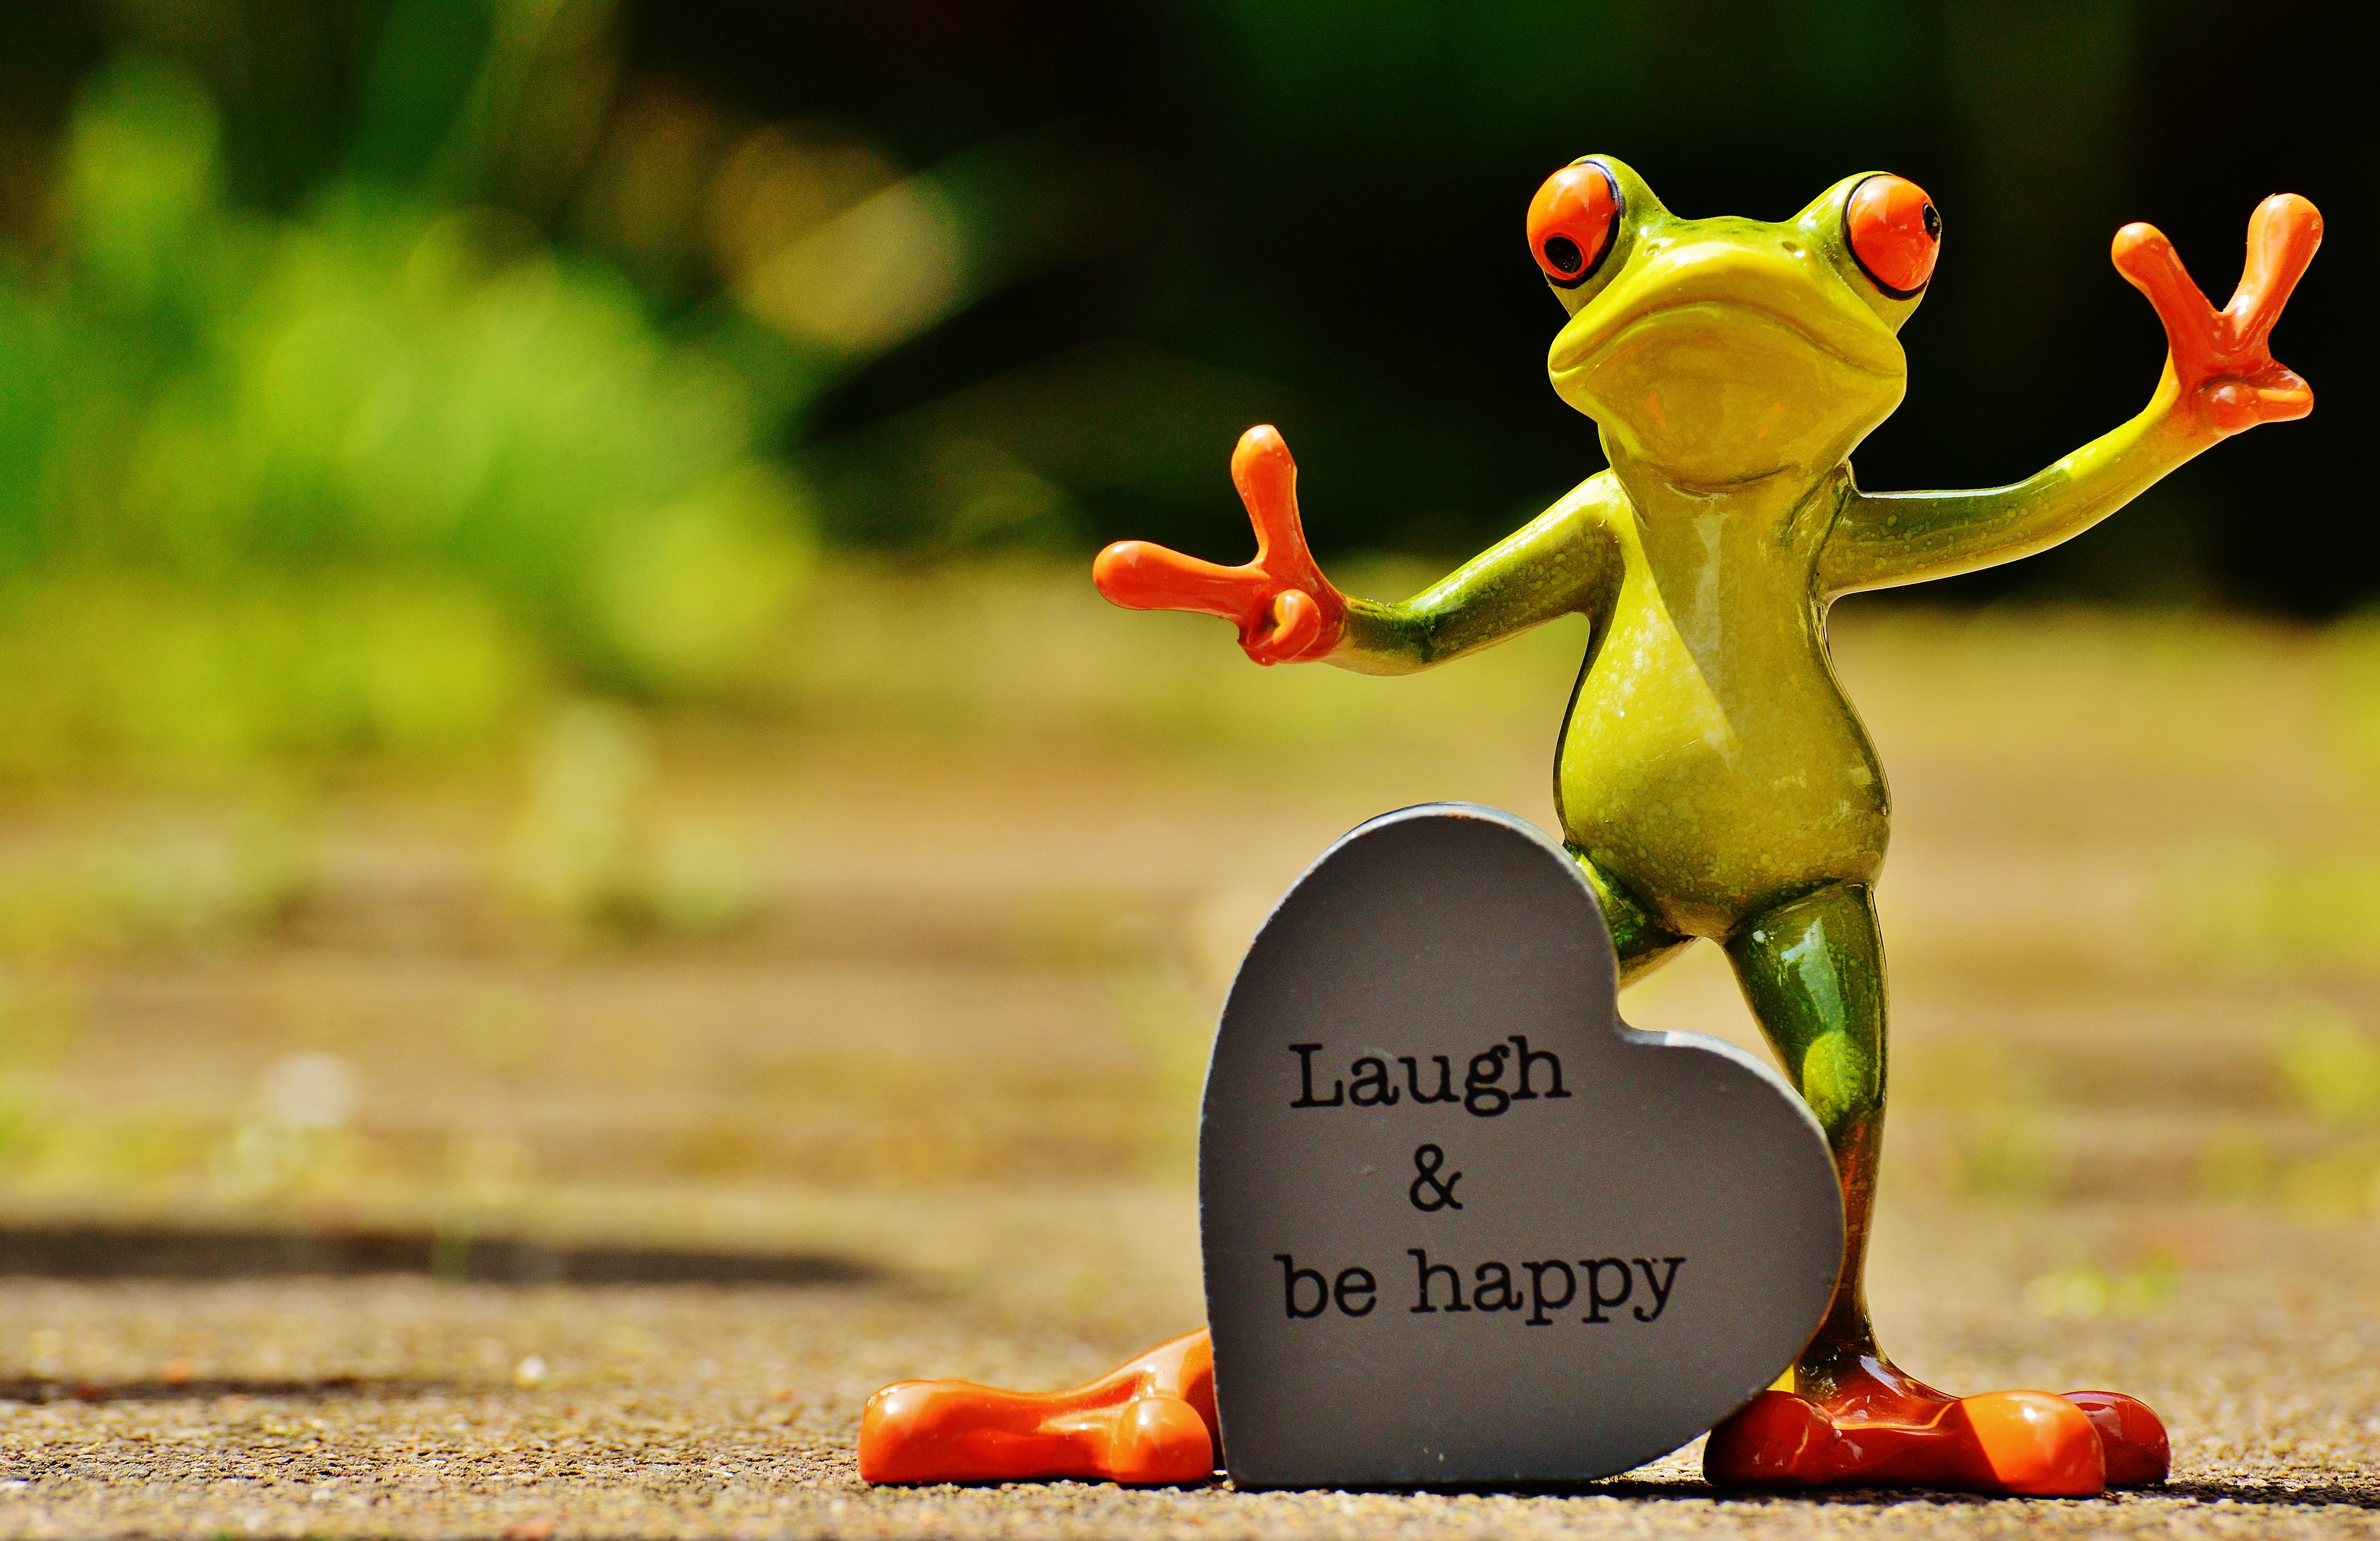 Смешные картинки про счастье и удачу пожалуйста, как